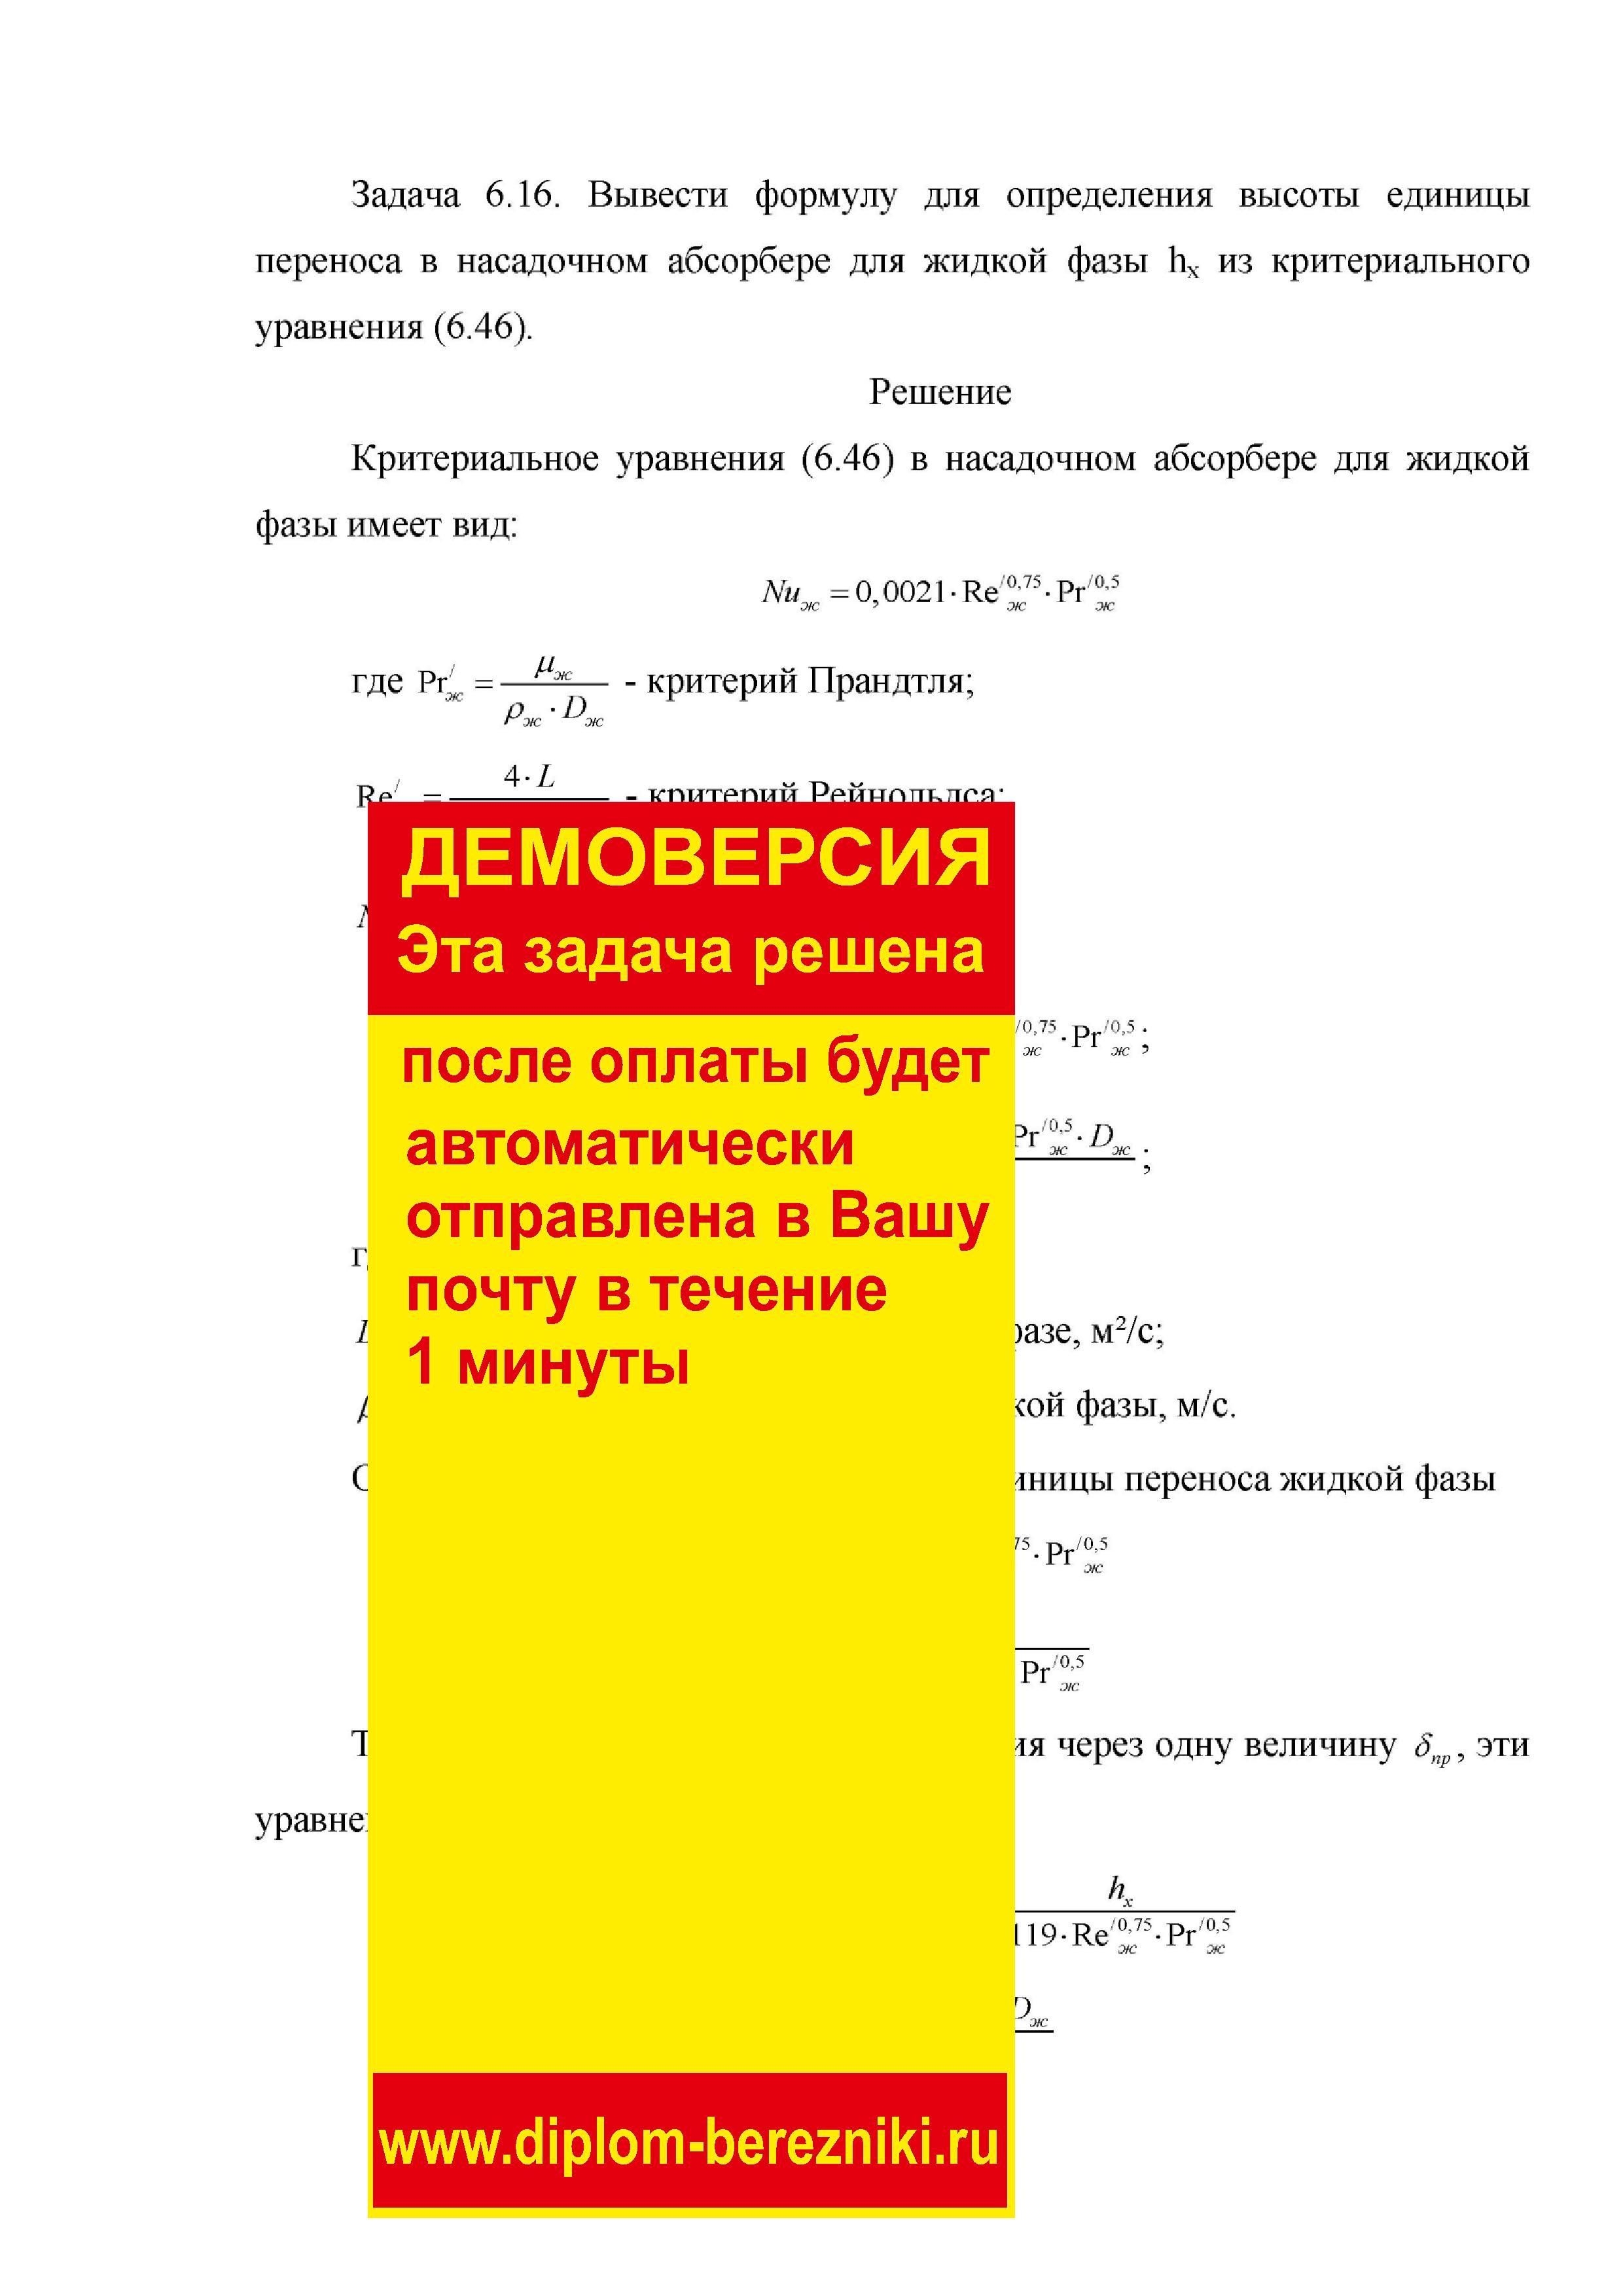 Решение задачи 6.16 по ПАХТ из задачника Павлова Романкова Носкова